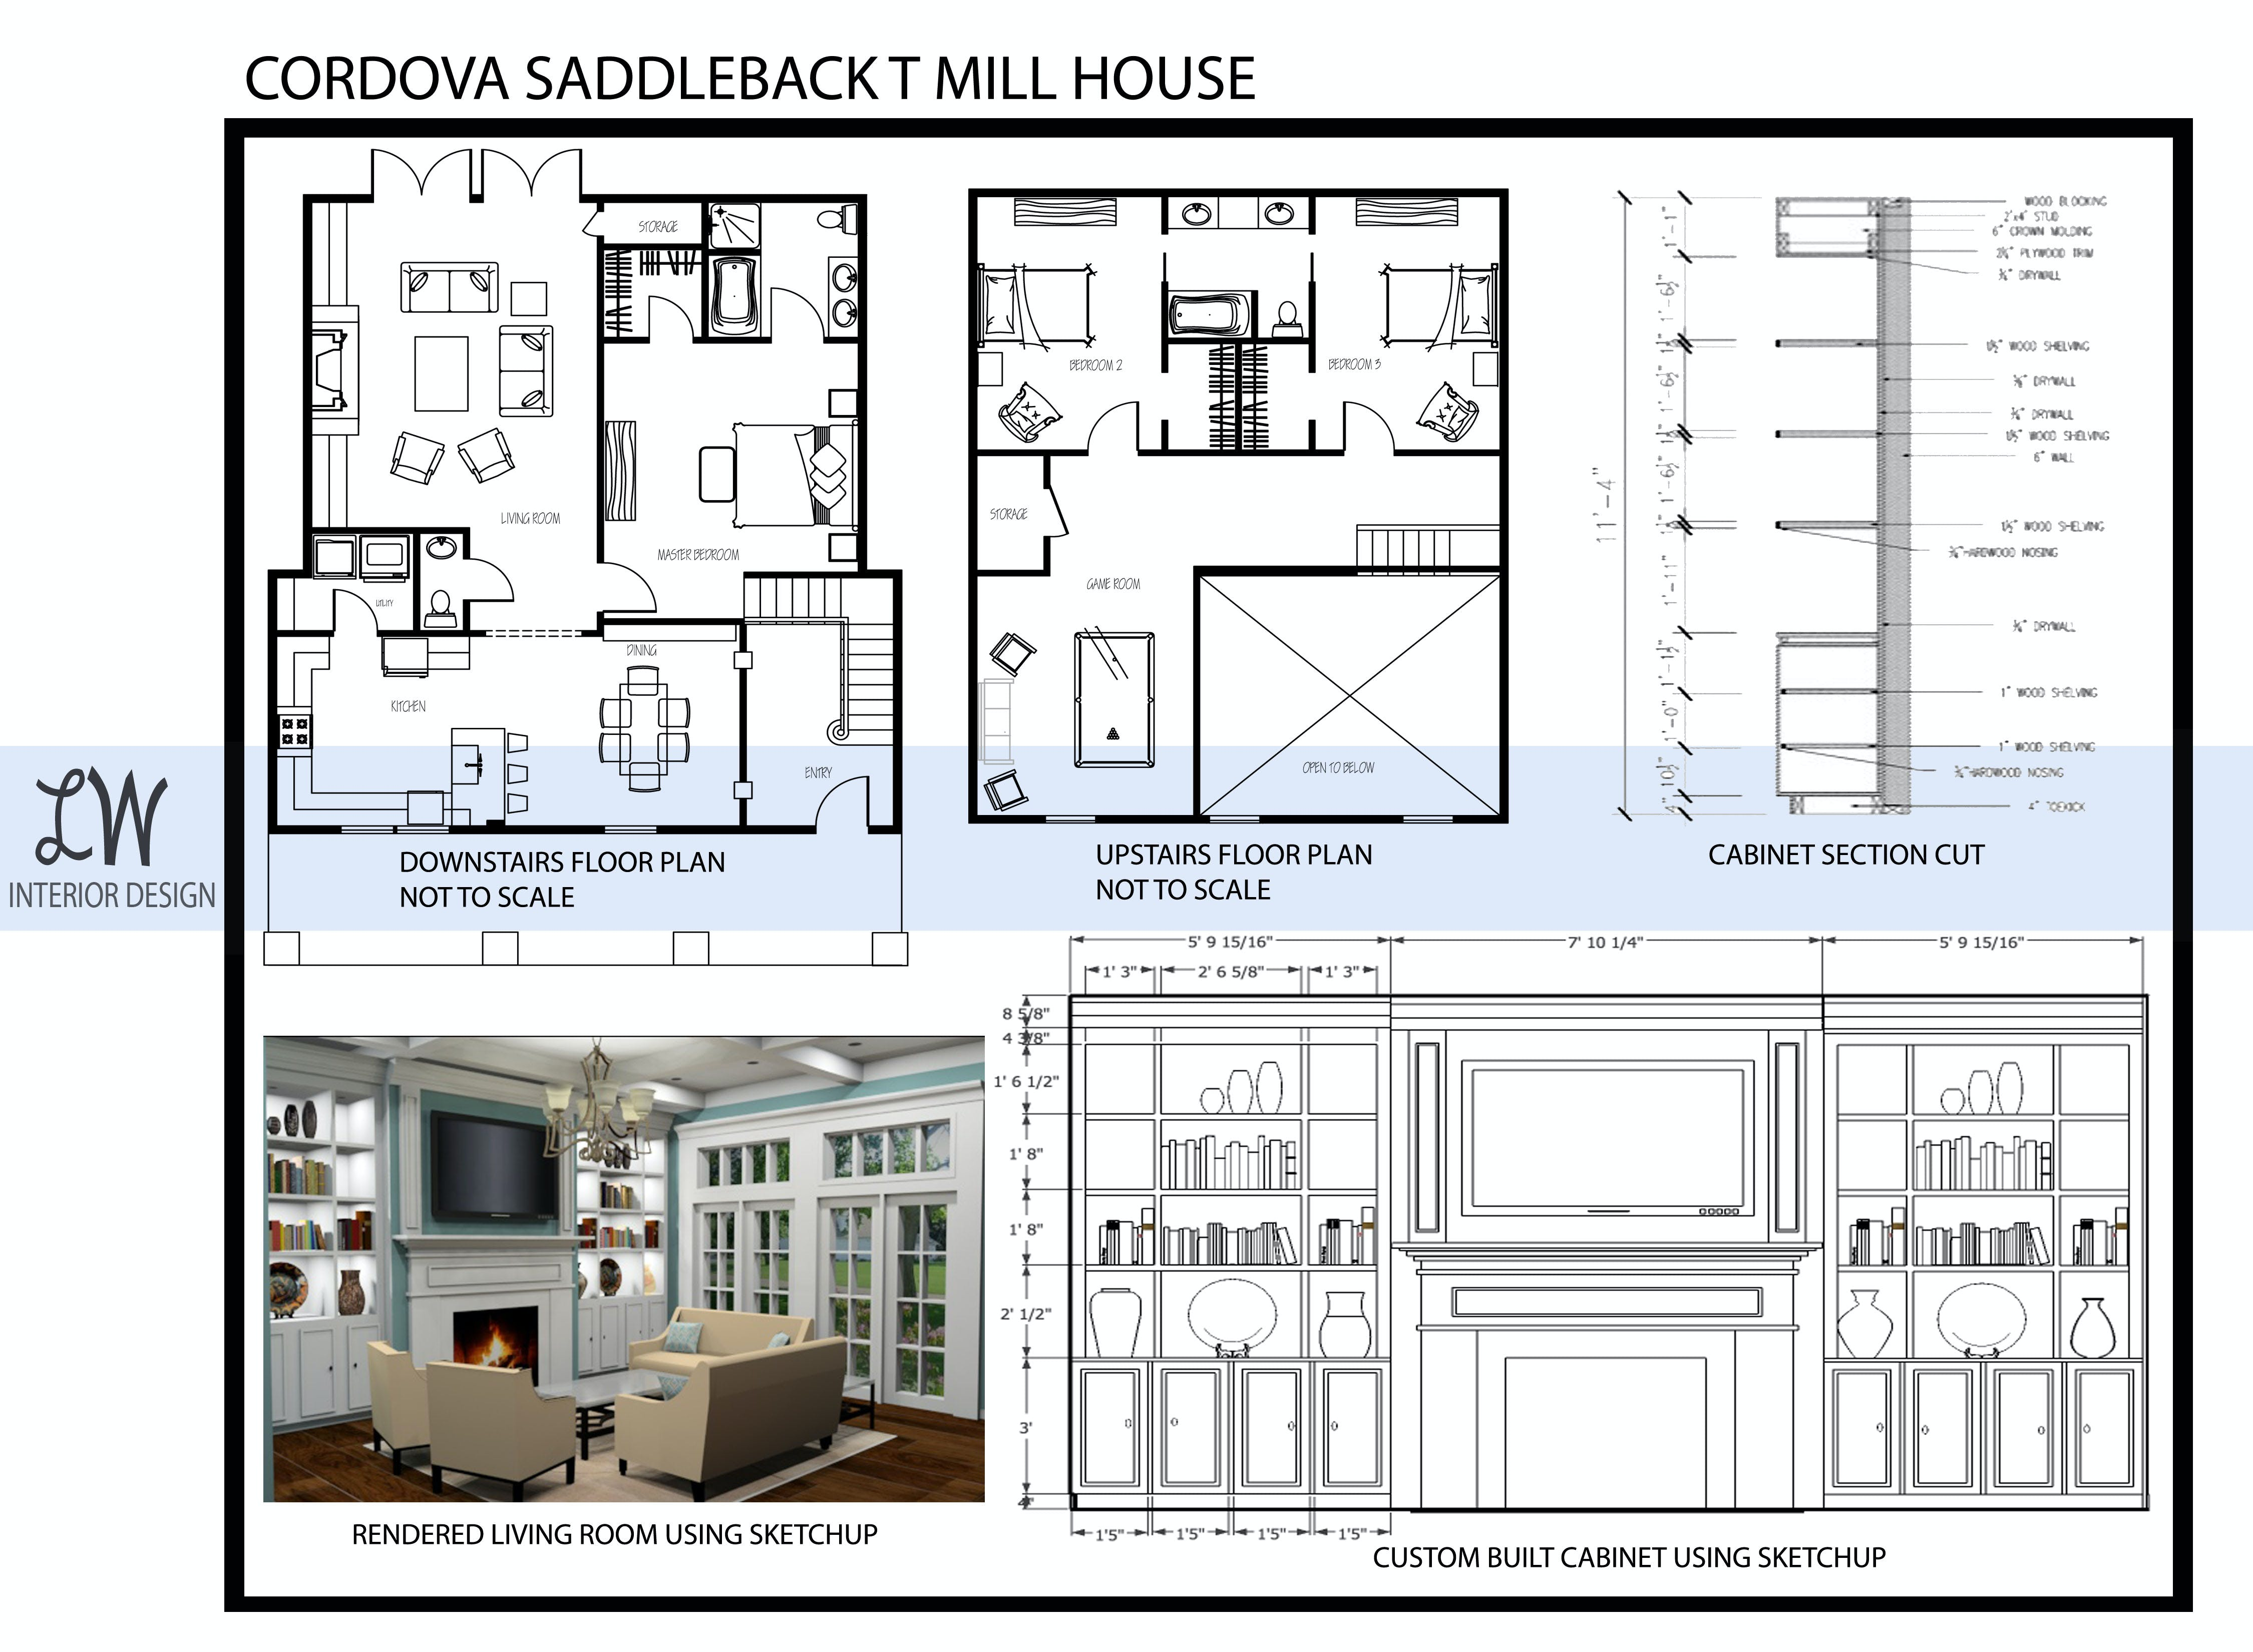 Interior design portfolio lauren williams archinect for Pixel people interior designer